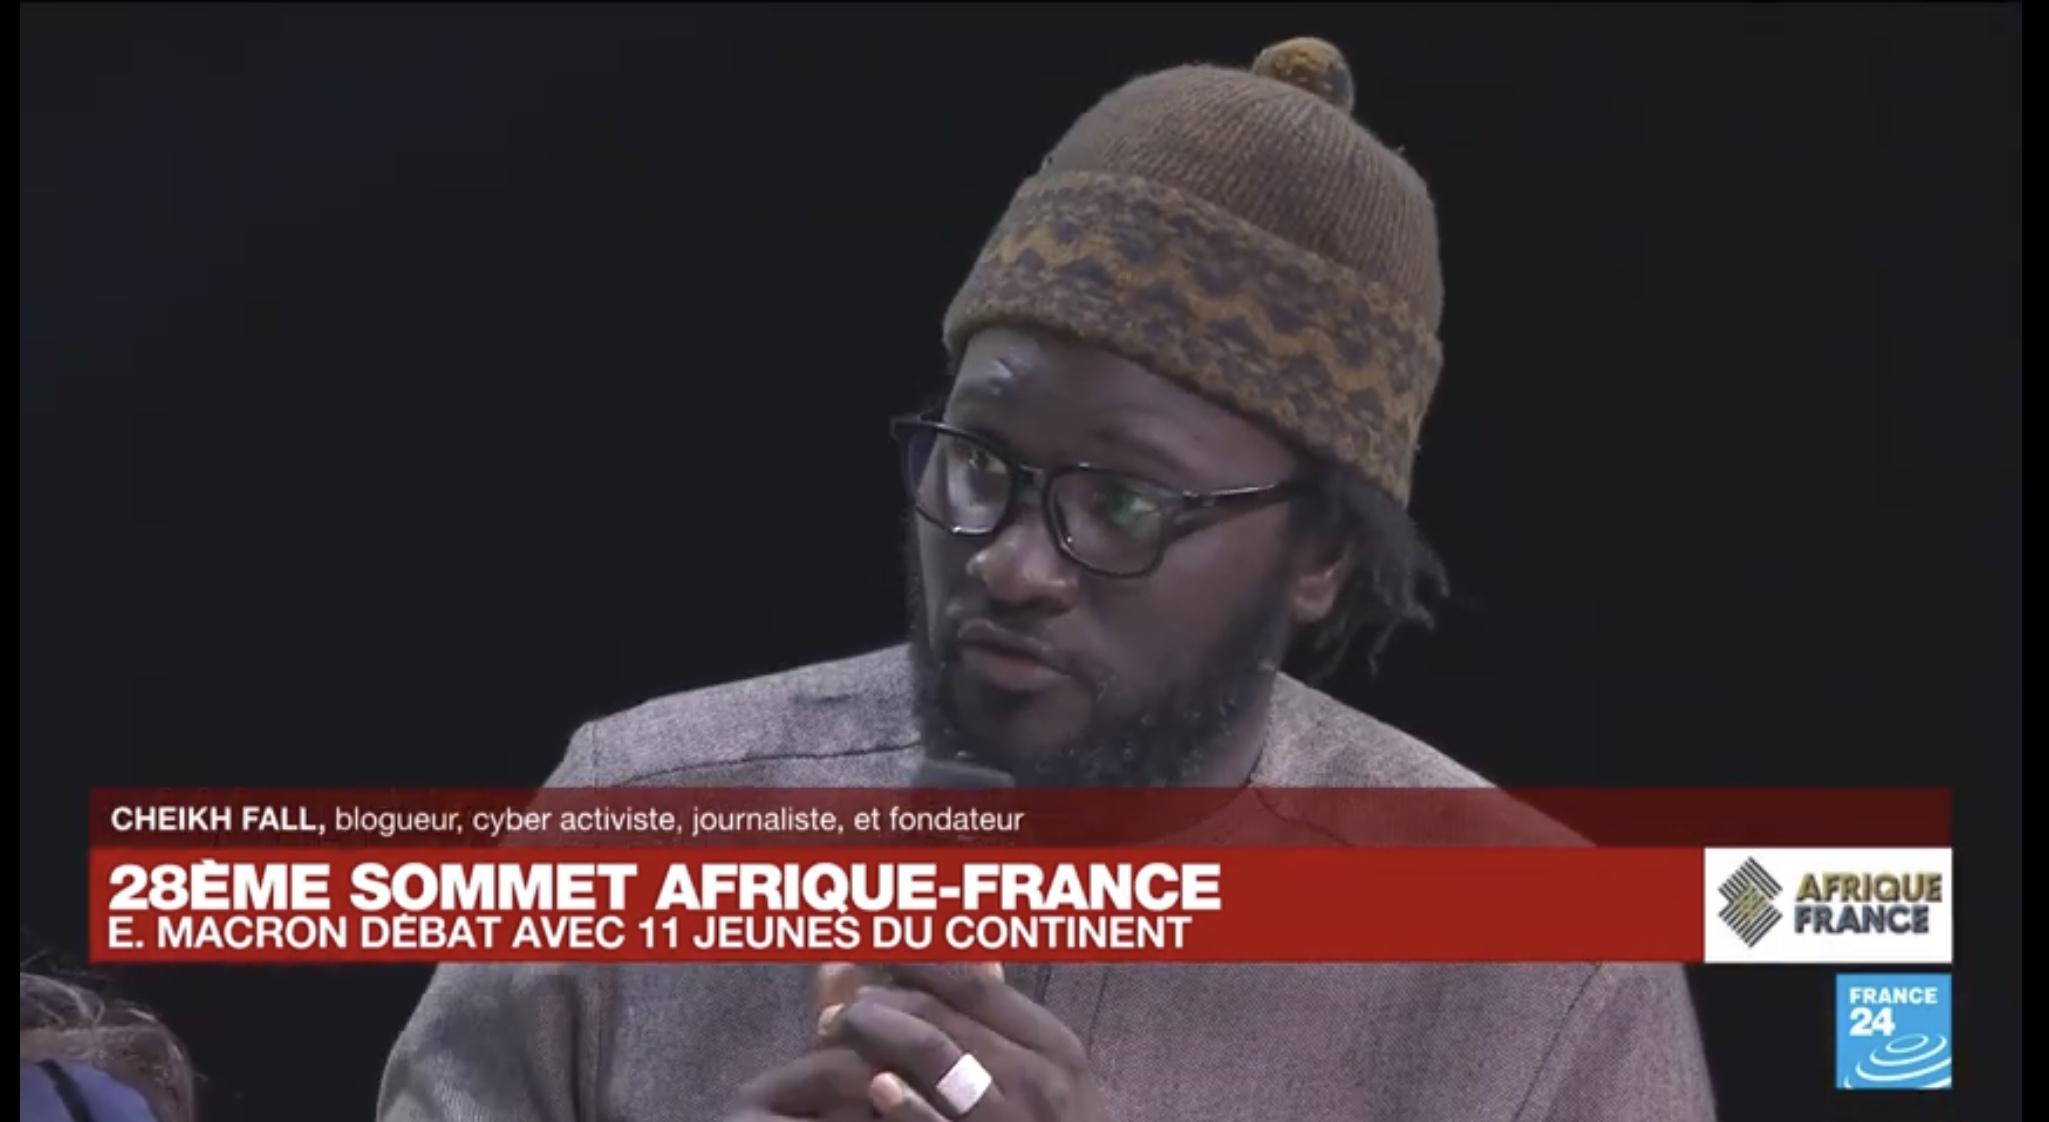 Sommet Afrique-France: les six exigences de Cheikh Fall au Président Macron